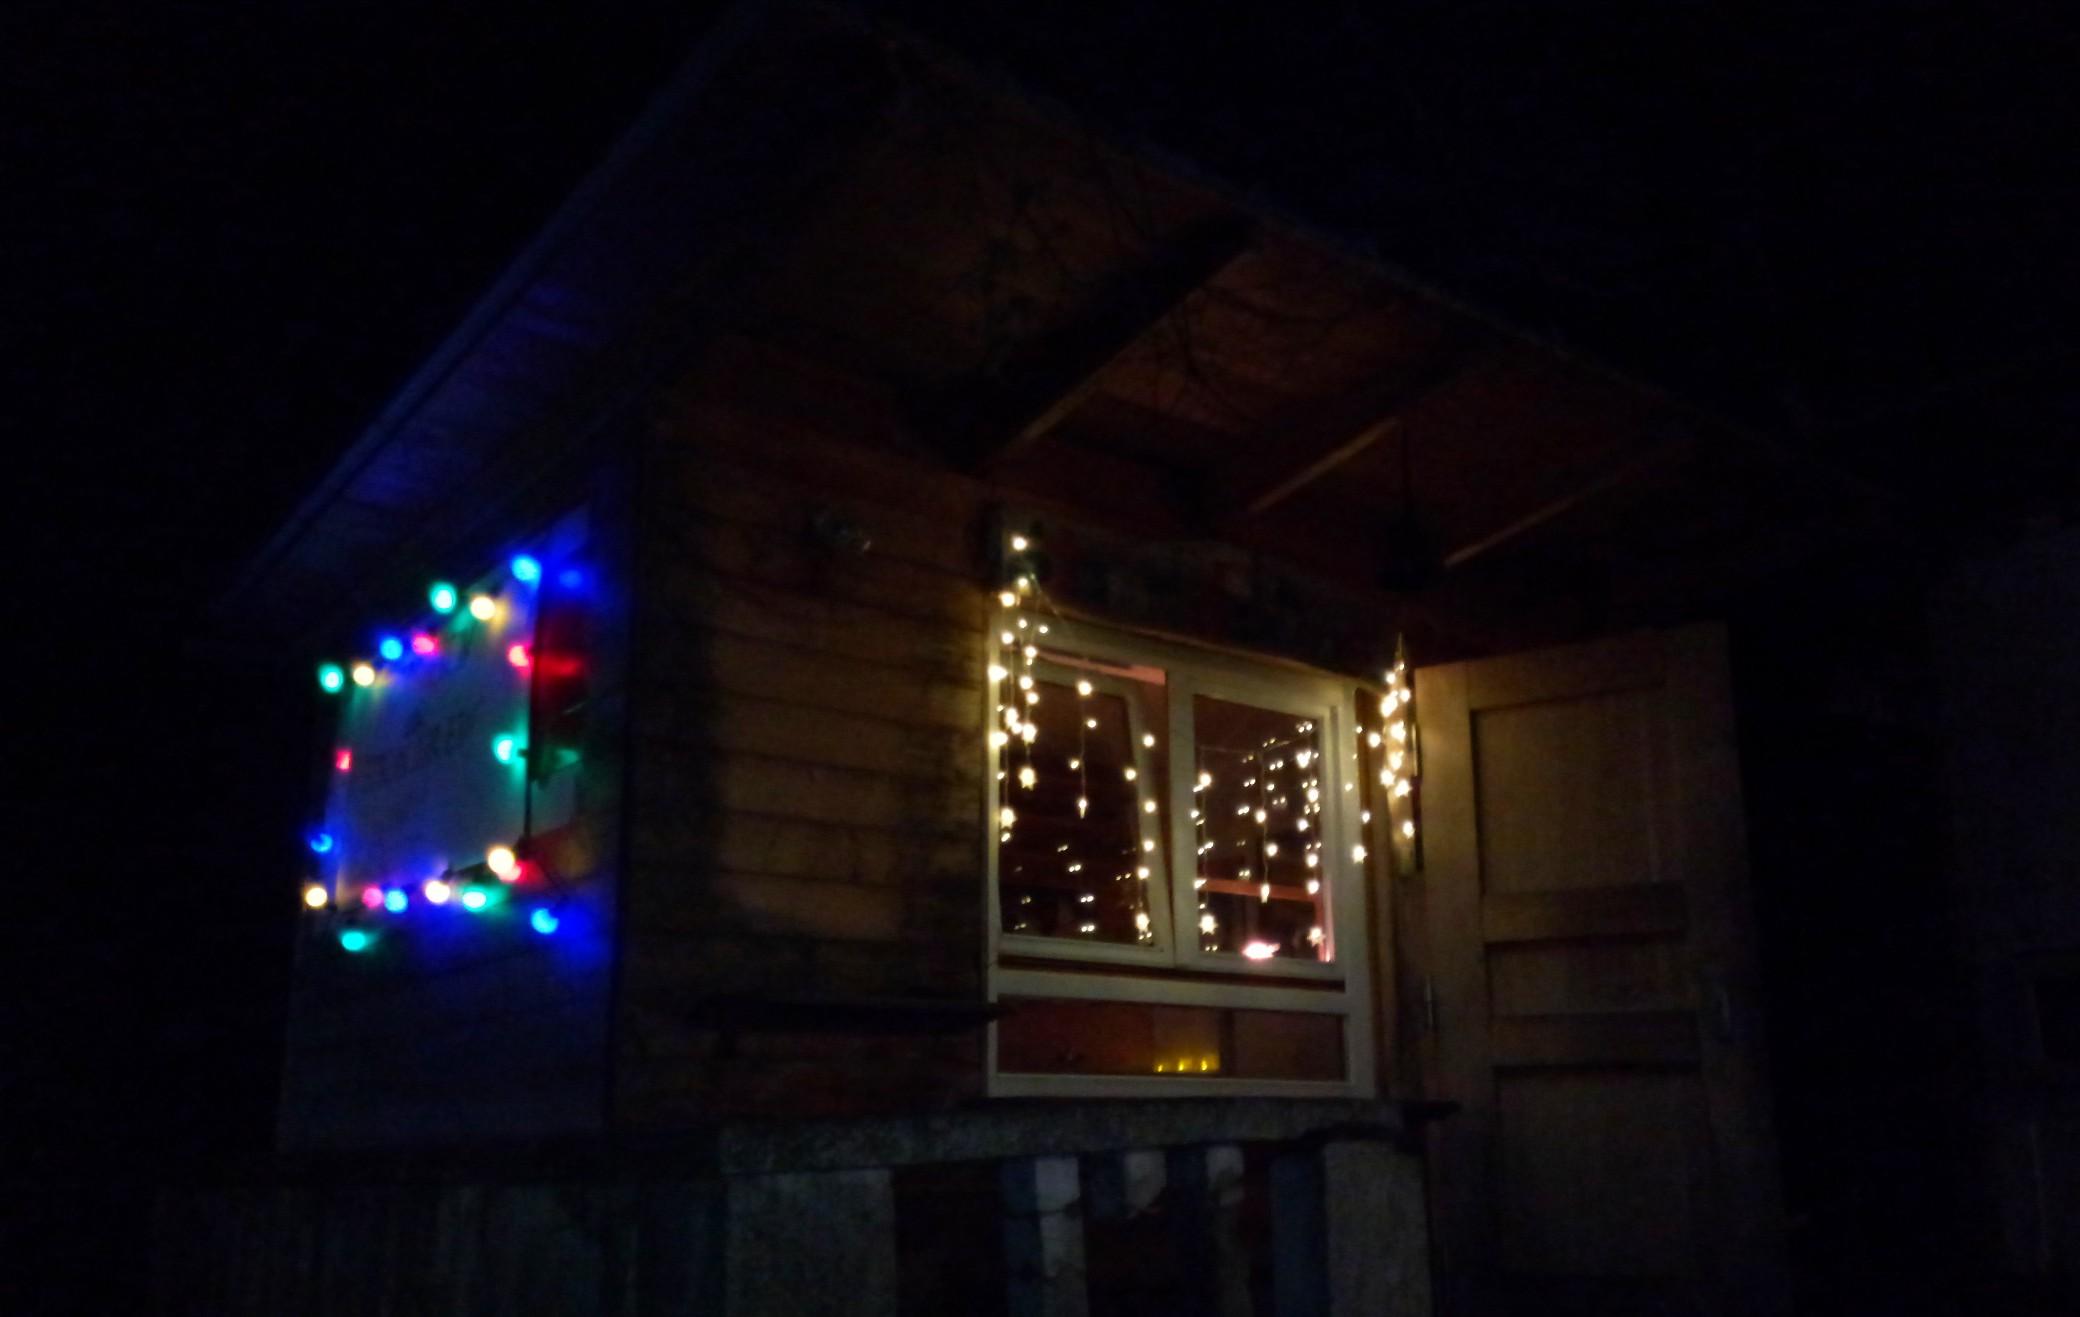 Frontansicht mit Weihnachtsbeleuchtung.